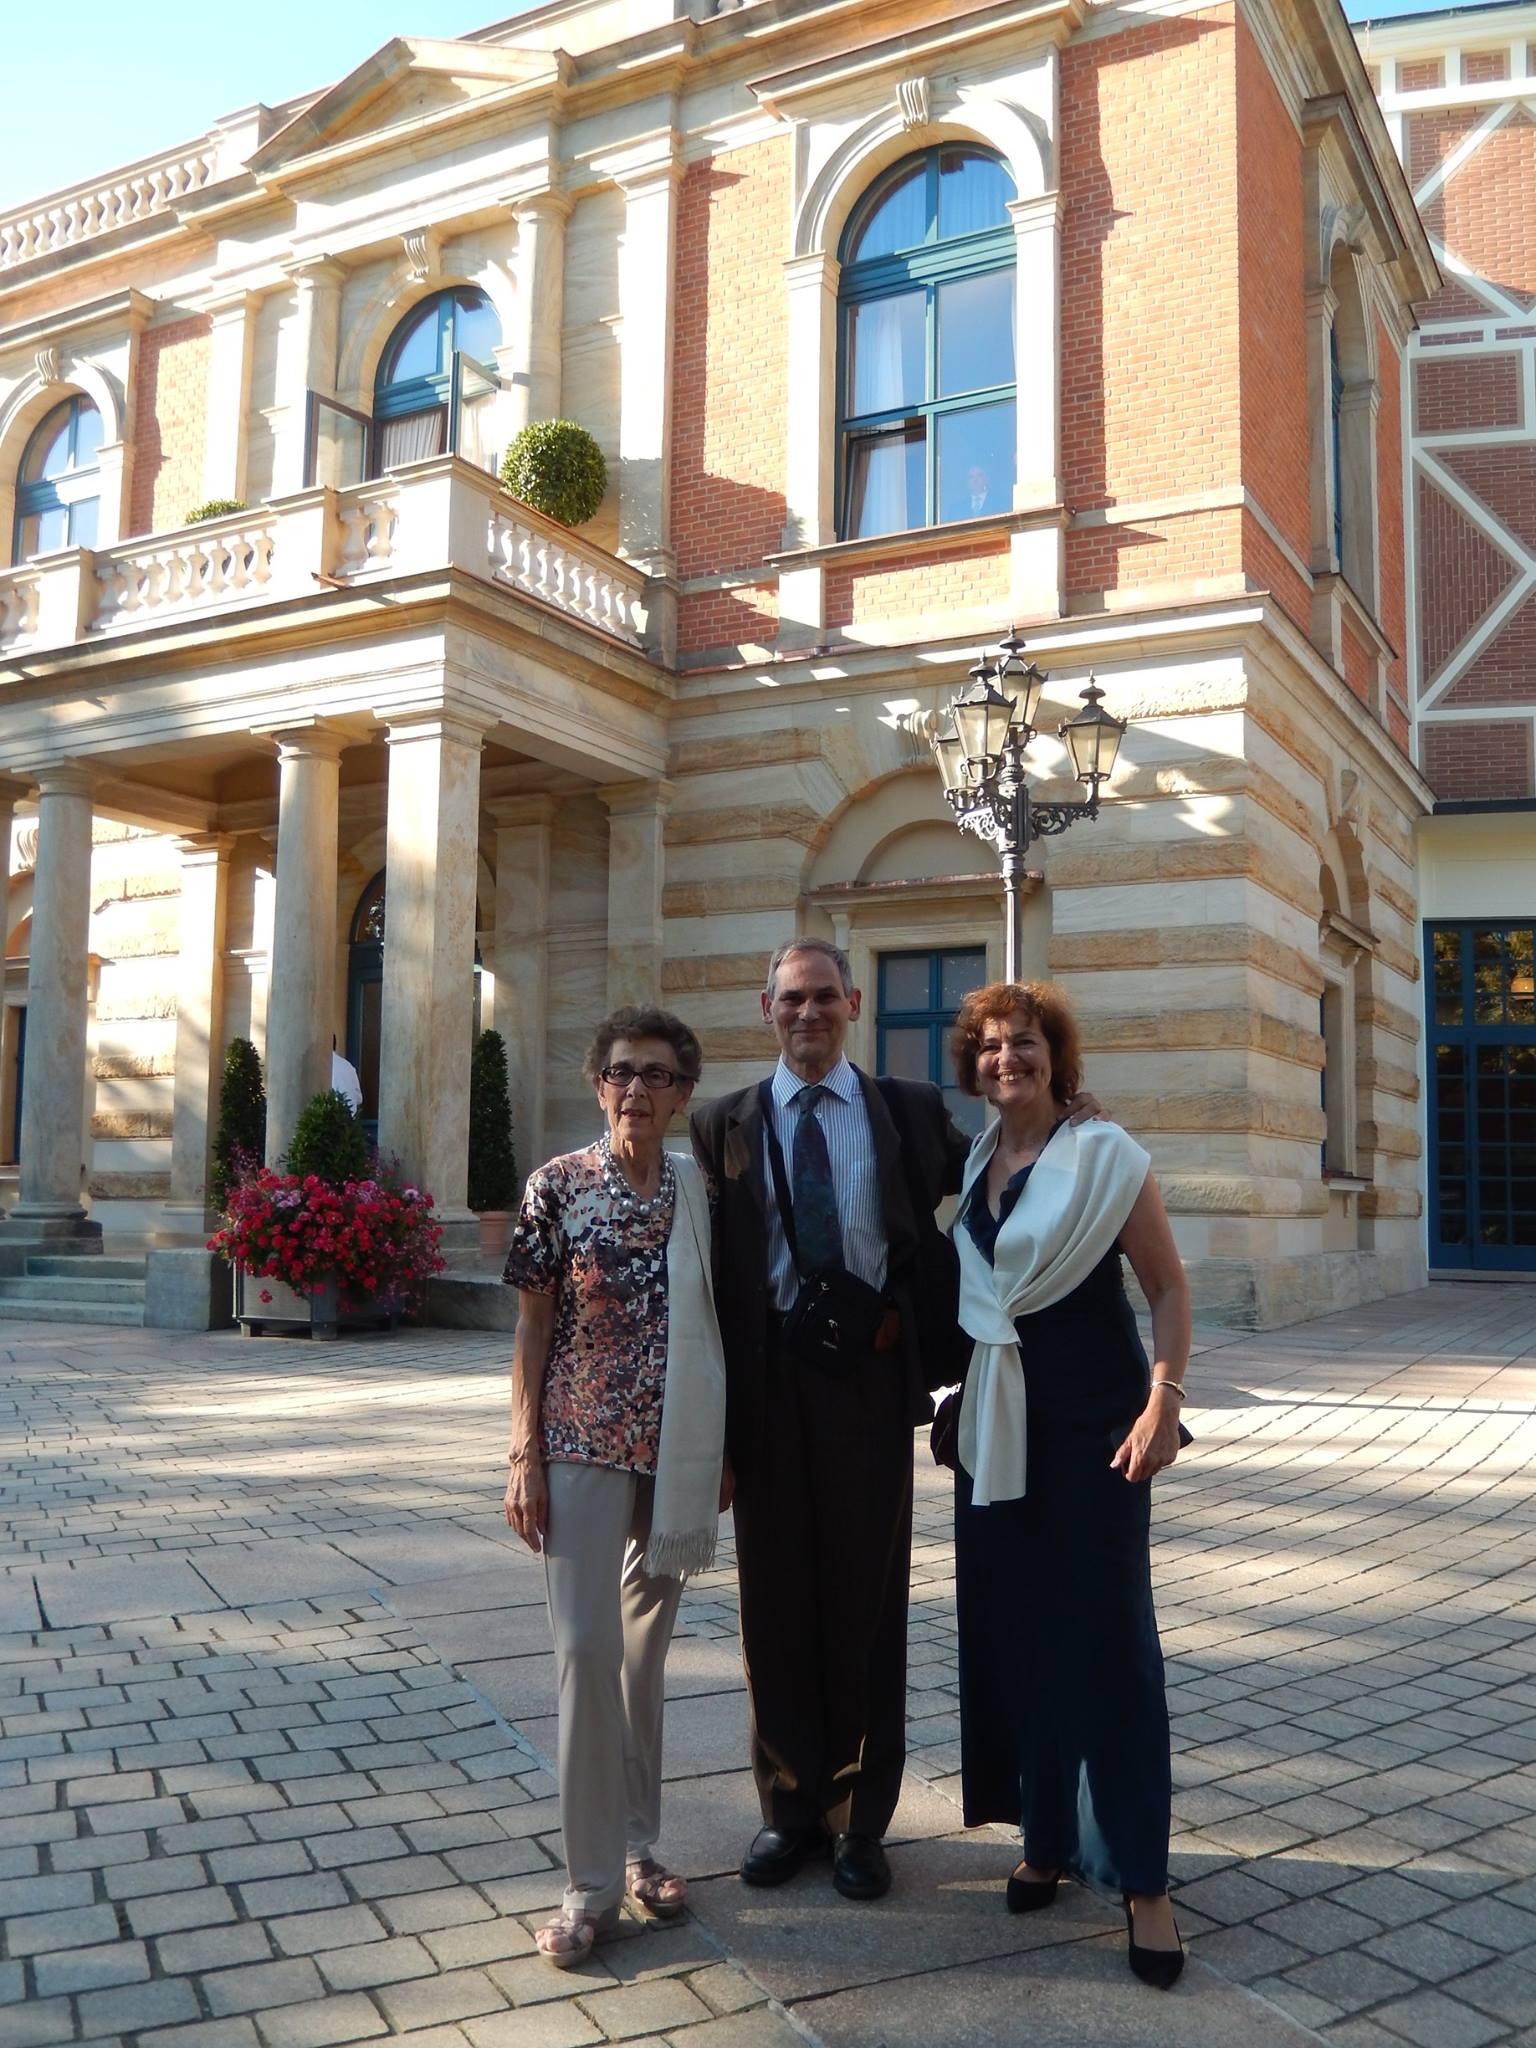 Hélène Boscheron, Dominique Hénon et Michel Demongeot